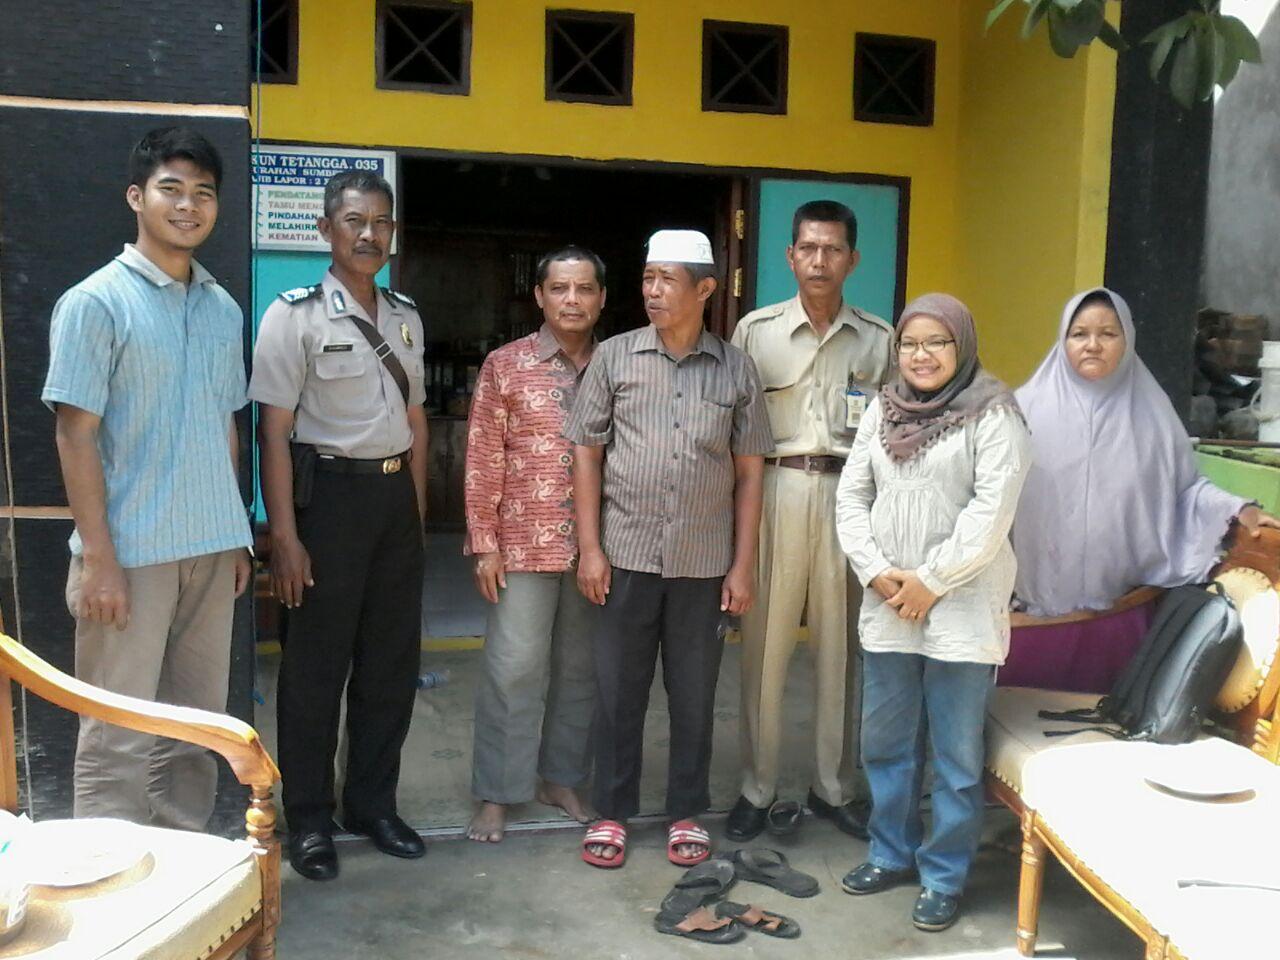 Ketua PAC Sumber Rejo Ir H Rahmat Muslim (peci putih) bersama perangkat Kelurahan Sumber Rejo, Babinkamtibmas, dan H Asrul Sani Ketua PC Balikpapan Tengah. Foto: Asrul Sani